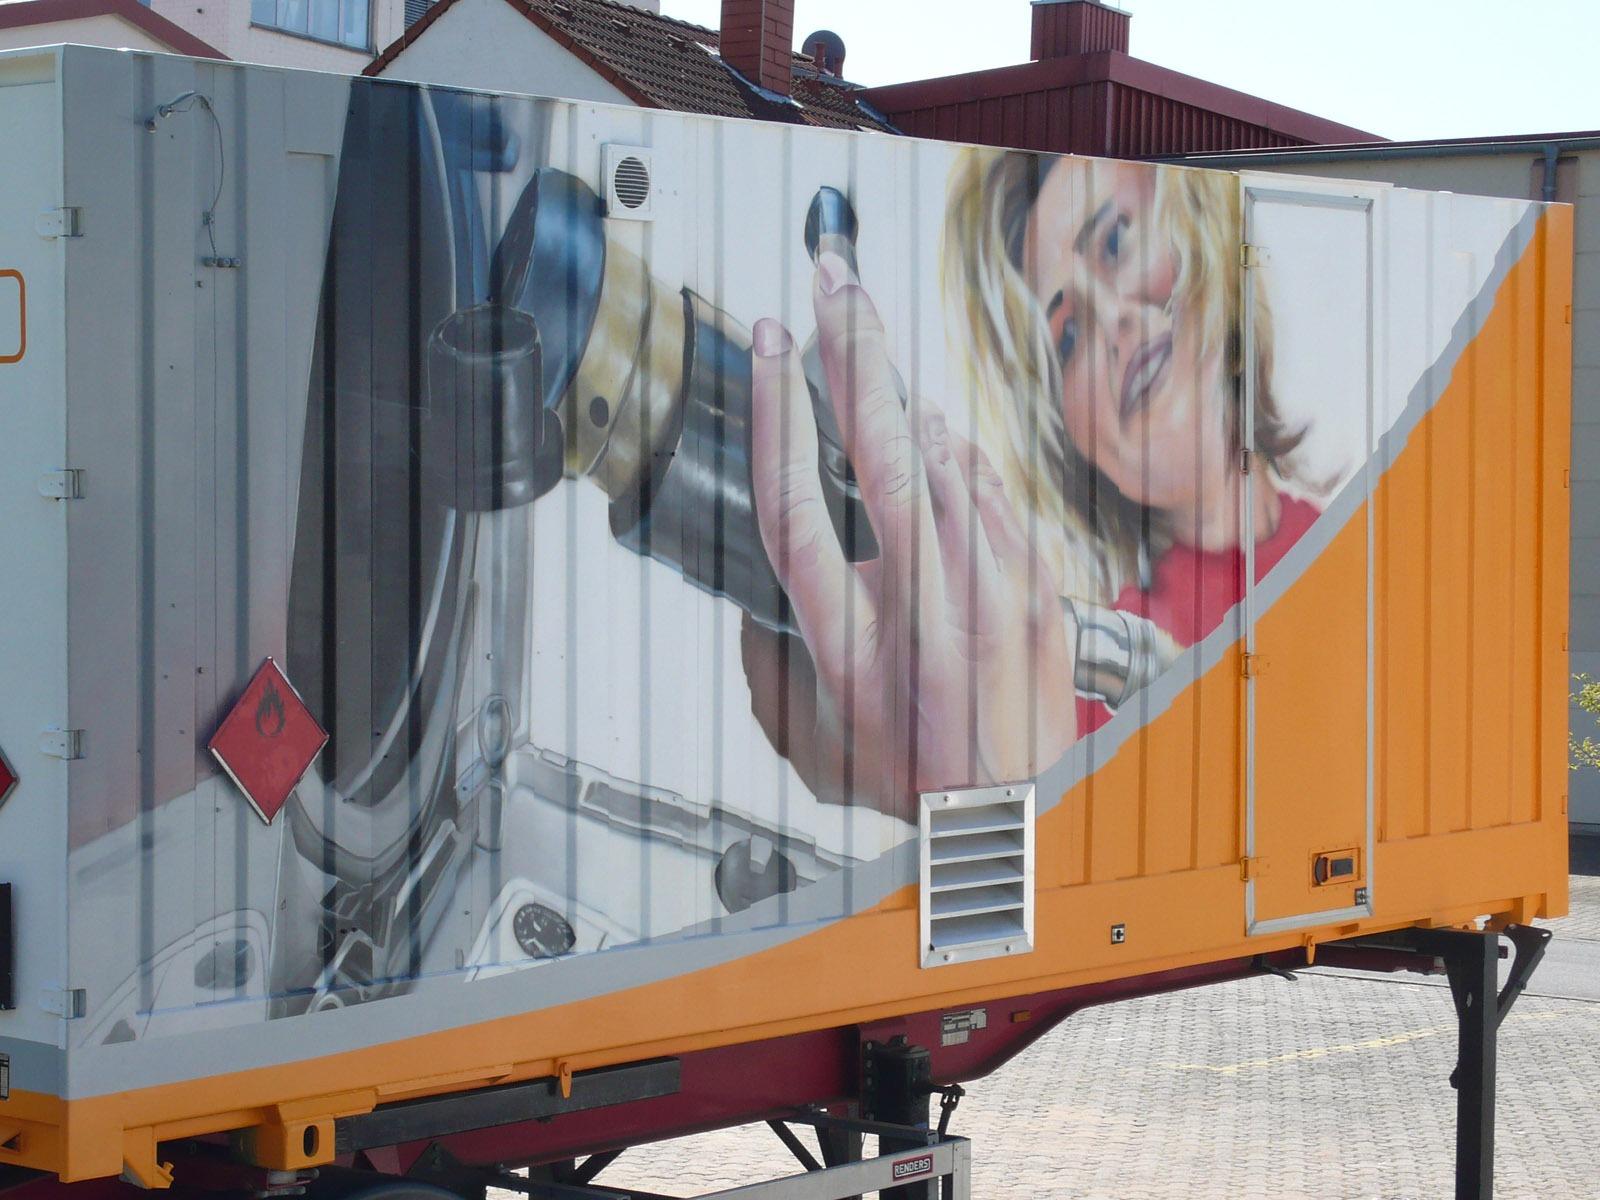 graffitiauftrag-graffitikuenstler-artmos4-nup-erdgas-anhaenger-2007-gesicht-mensch-maschine-hand-schrift-logo-objekt-orange-weiss-fotorealistisch-energieversorger-fahrzeug